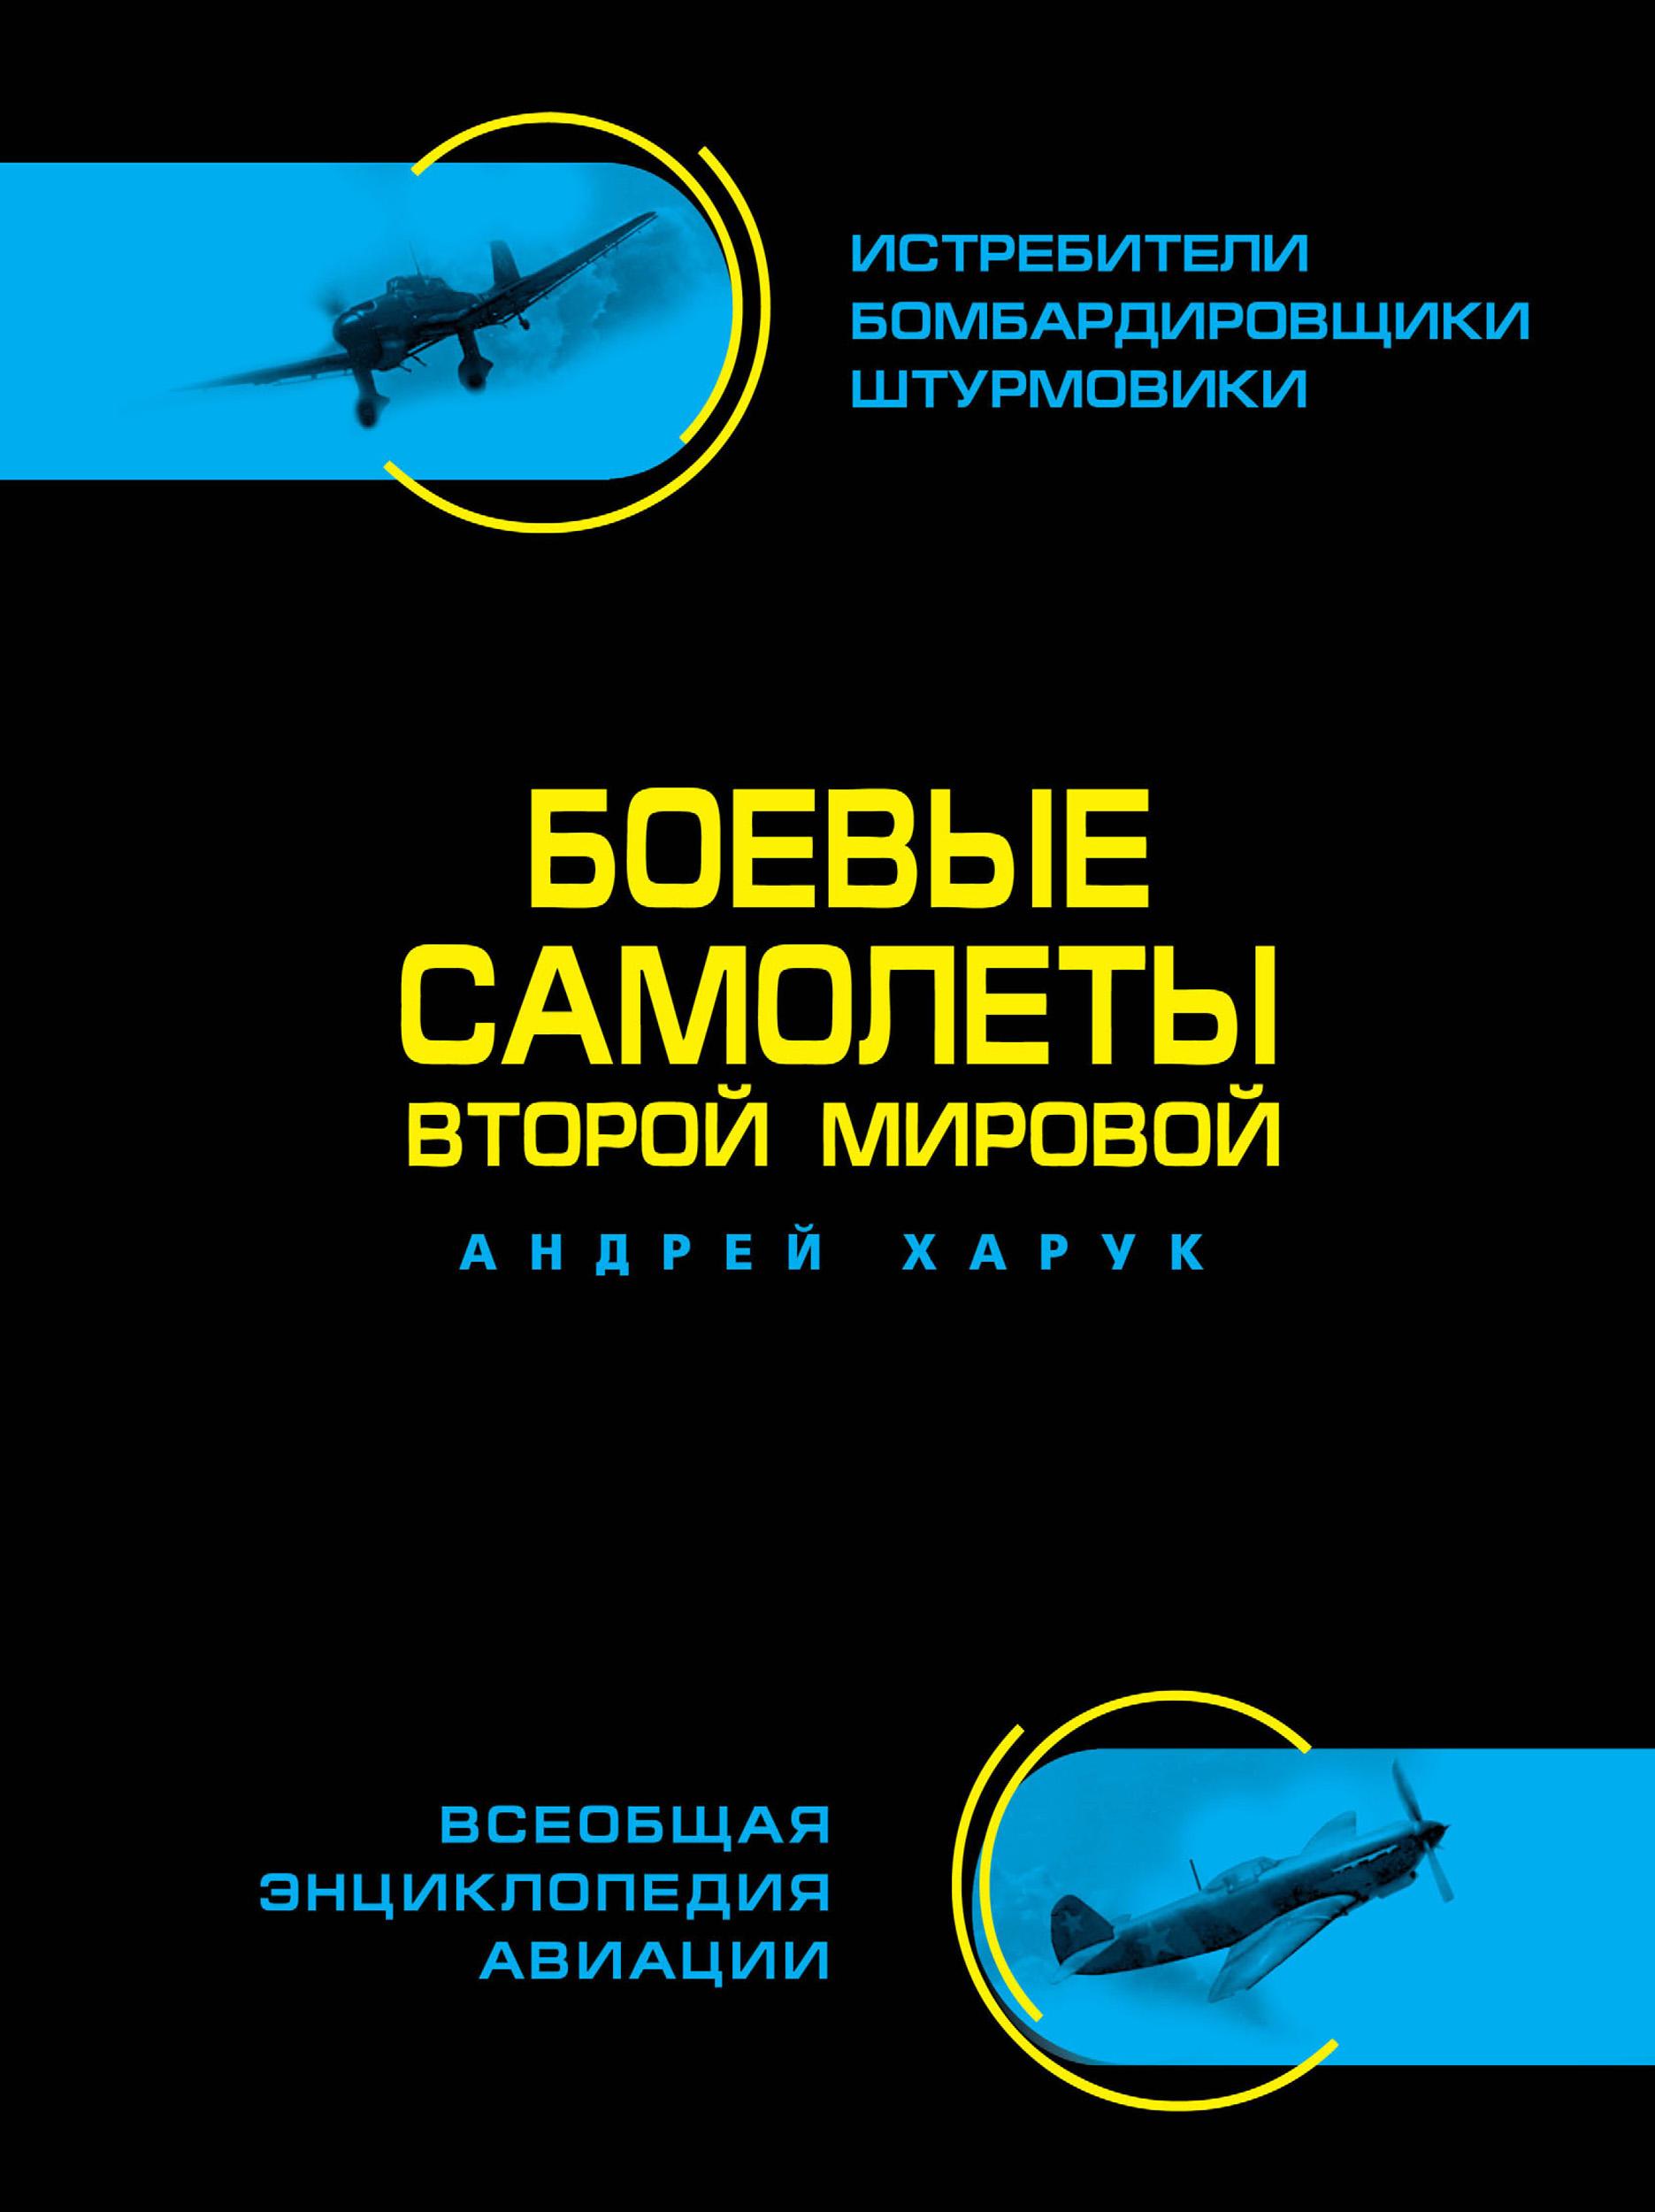 Боевые самолеты Второй Мировой. Андрей Харук